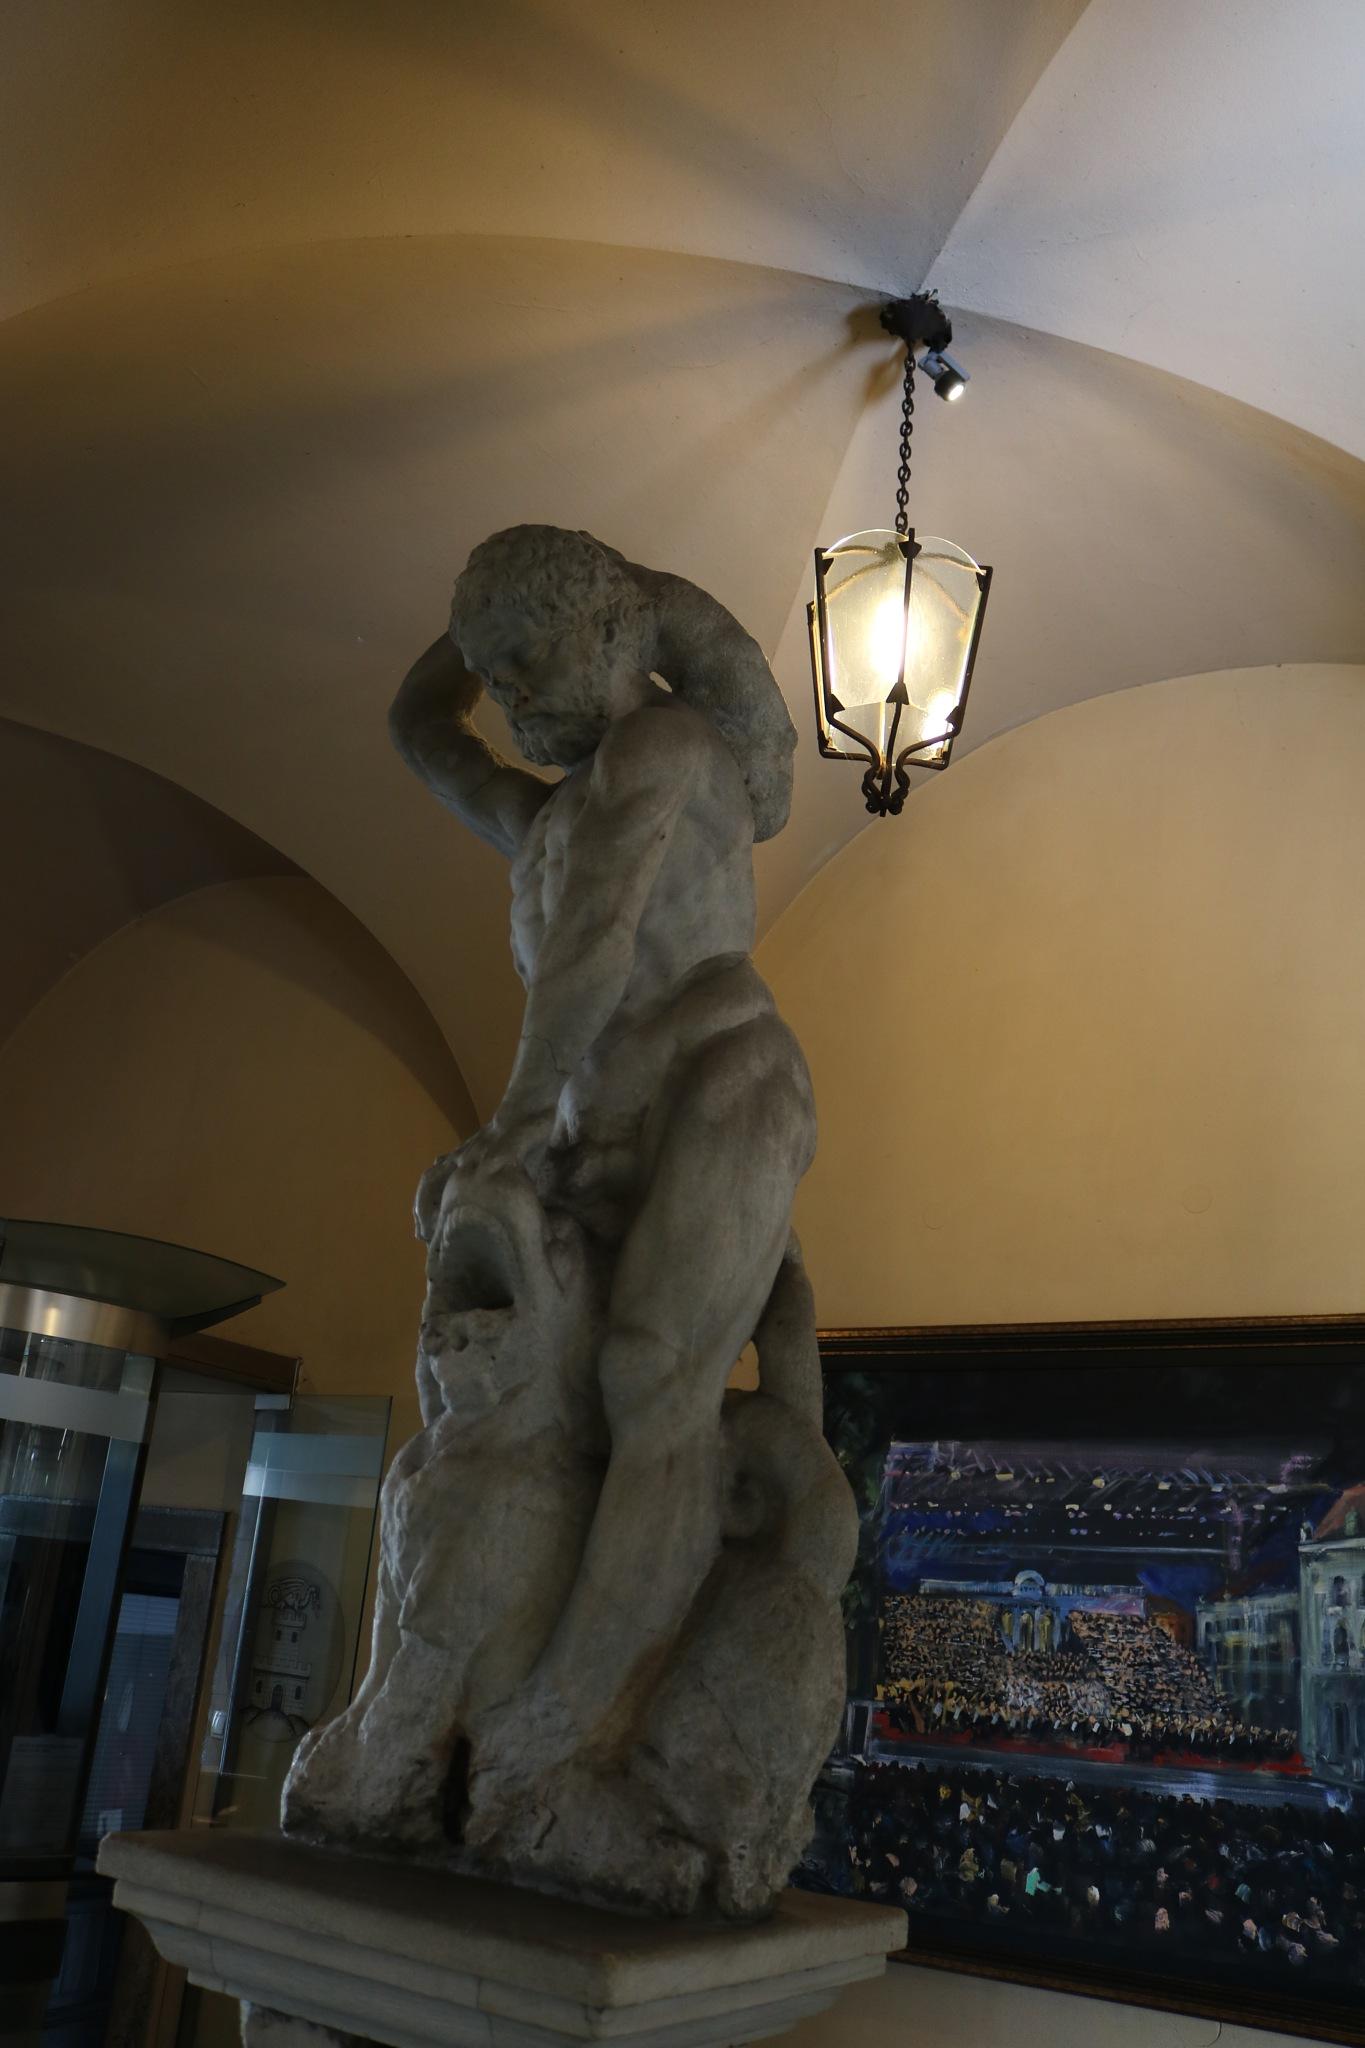 Mestna hiša (Rotovž) - Herkulov kip, Ljubljana, Slovenia by zvnktomasevic